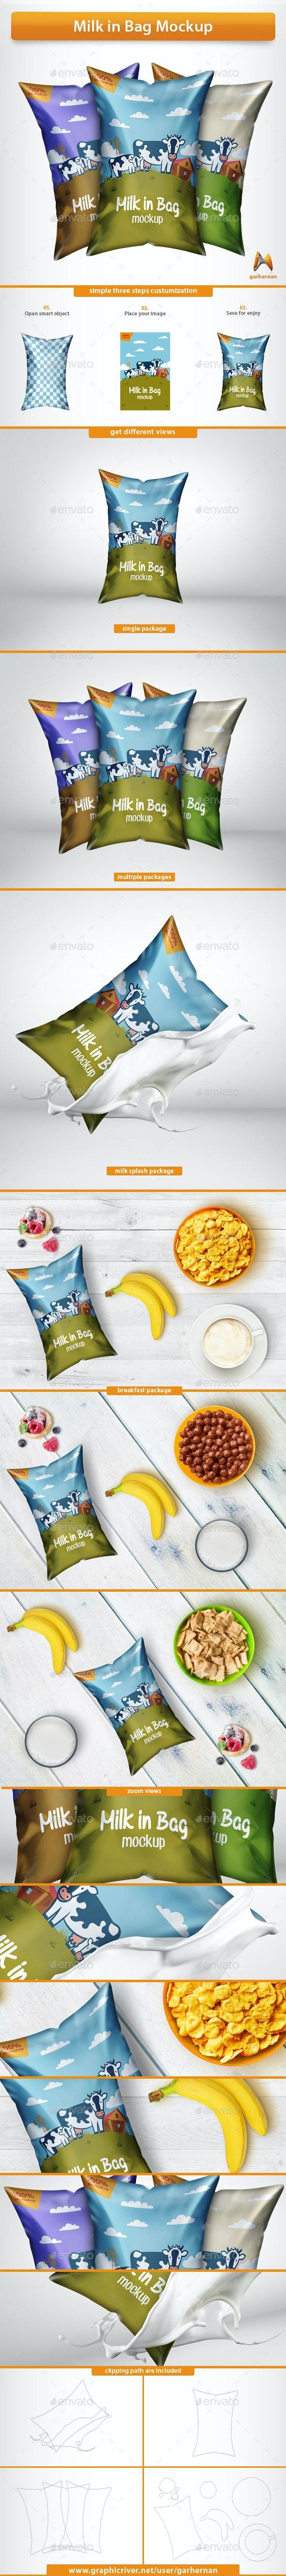 Milk in Bag Mockup - Food and Drink Packaging